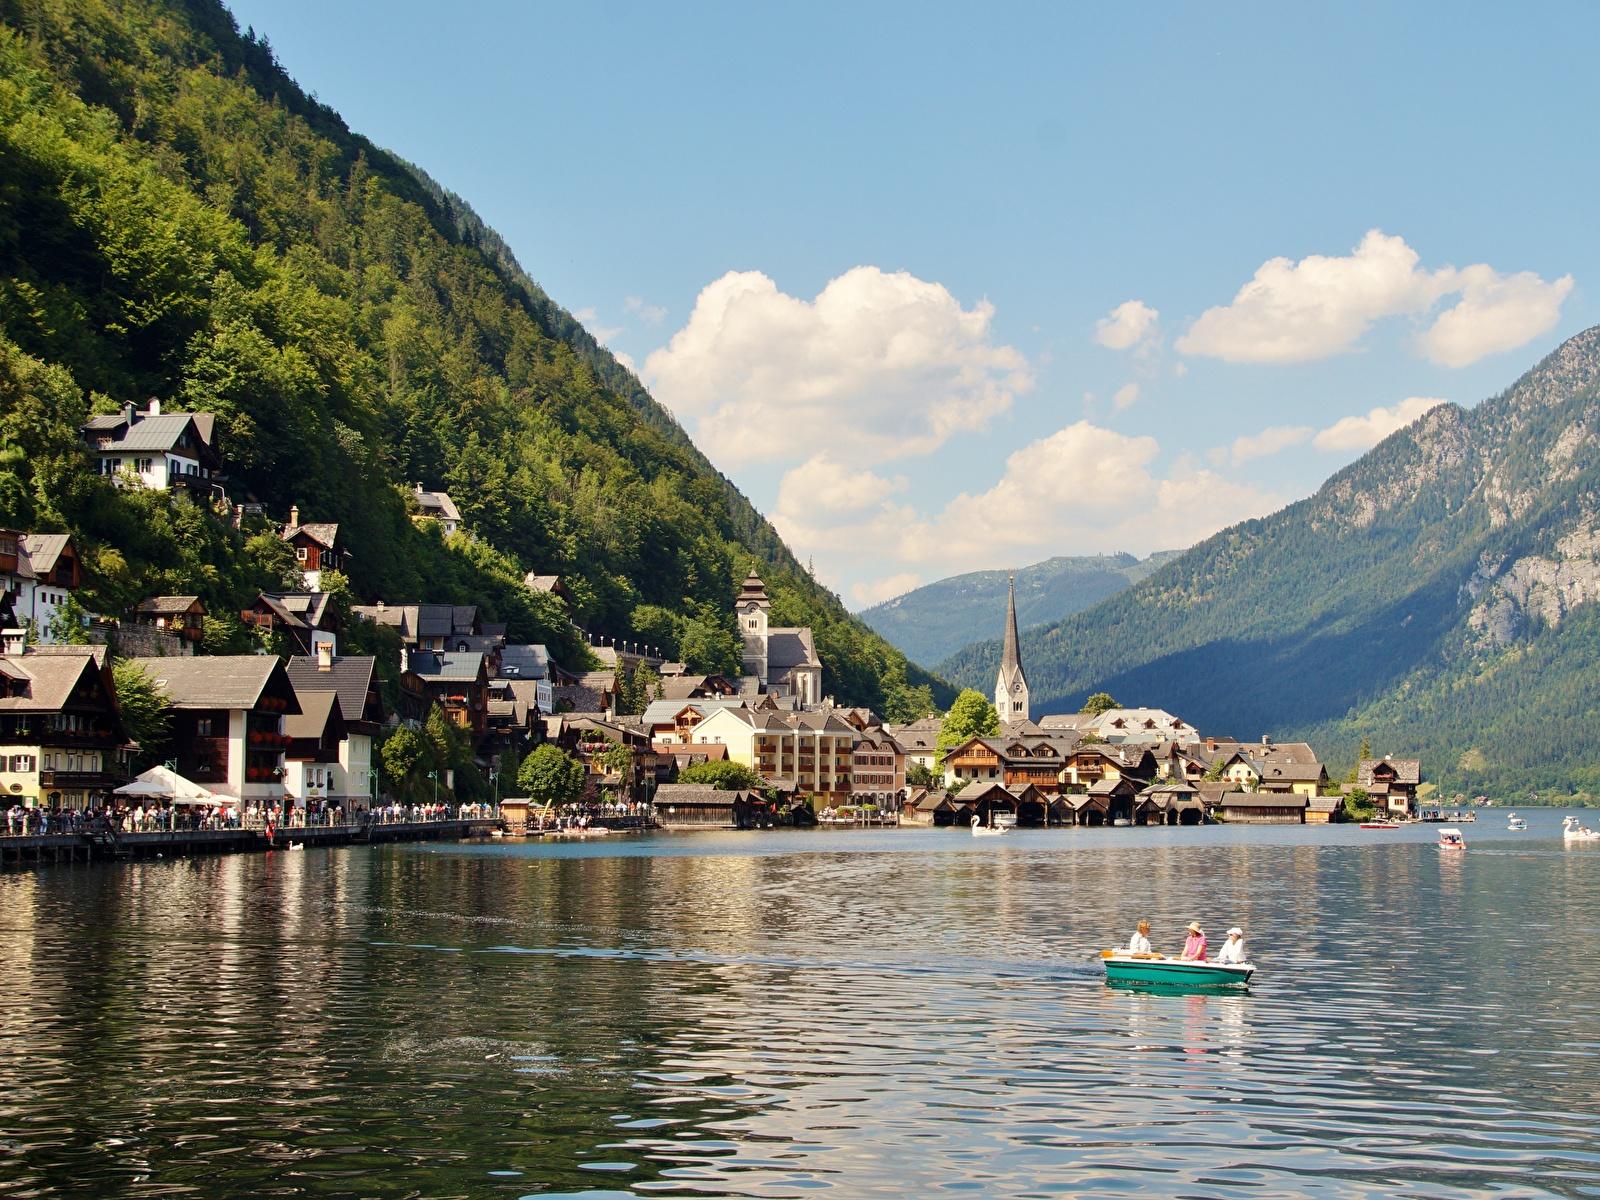 Фотографии Халльштатт Альпы Австрия Gmunden County Горы Природа Озеро Лодки Пристань Города Здания 1600x1200 Пирсы Причалы Дома